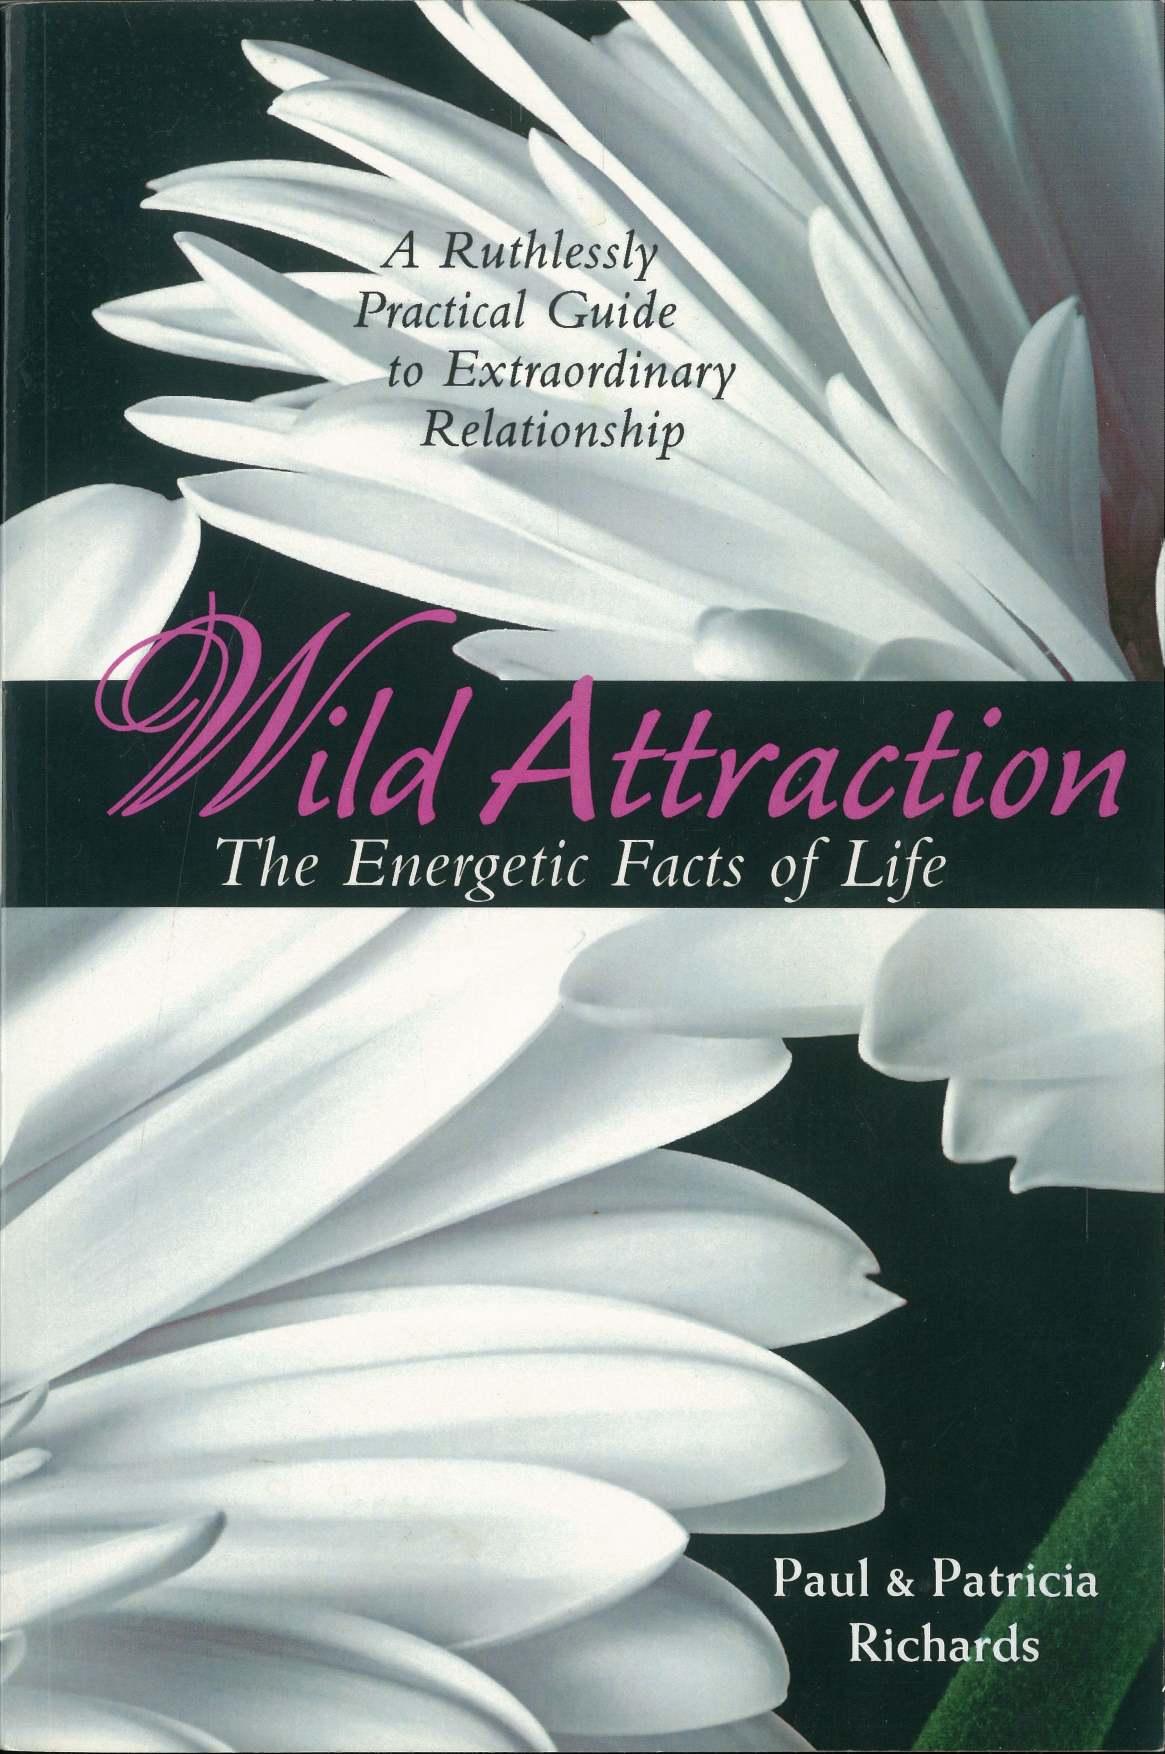 Richards_Wild Attraction